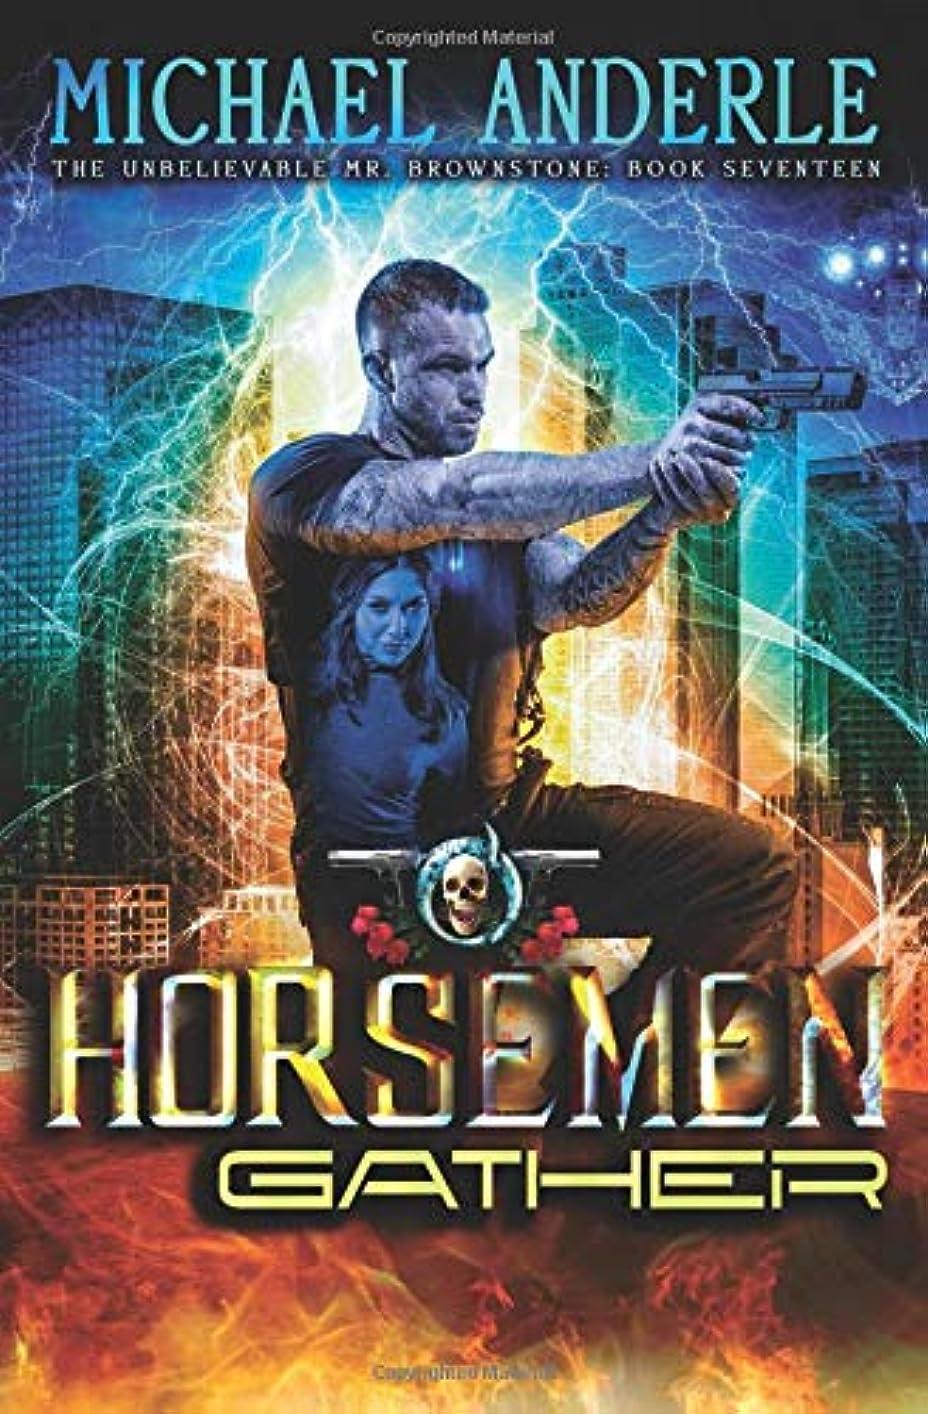 調査アラブ覚えているThe Horsemen Gather: An Urban Fantasy Action Adventure (The Unbelievable Mr. Brownstone)